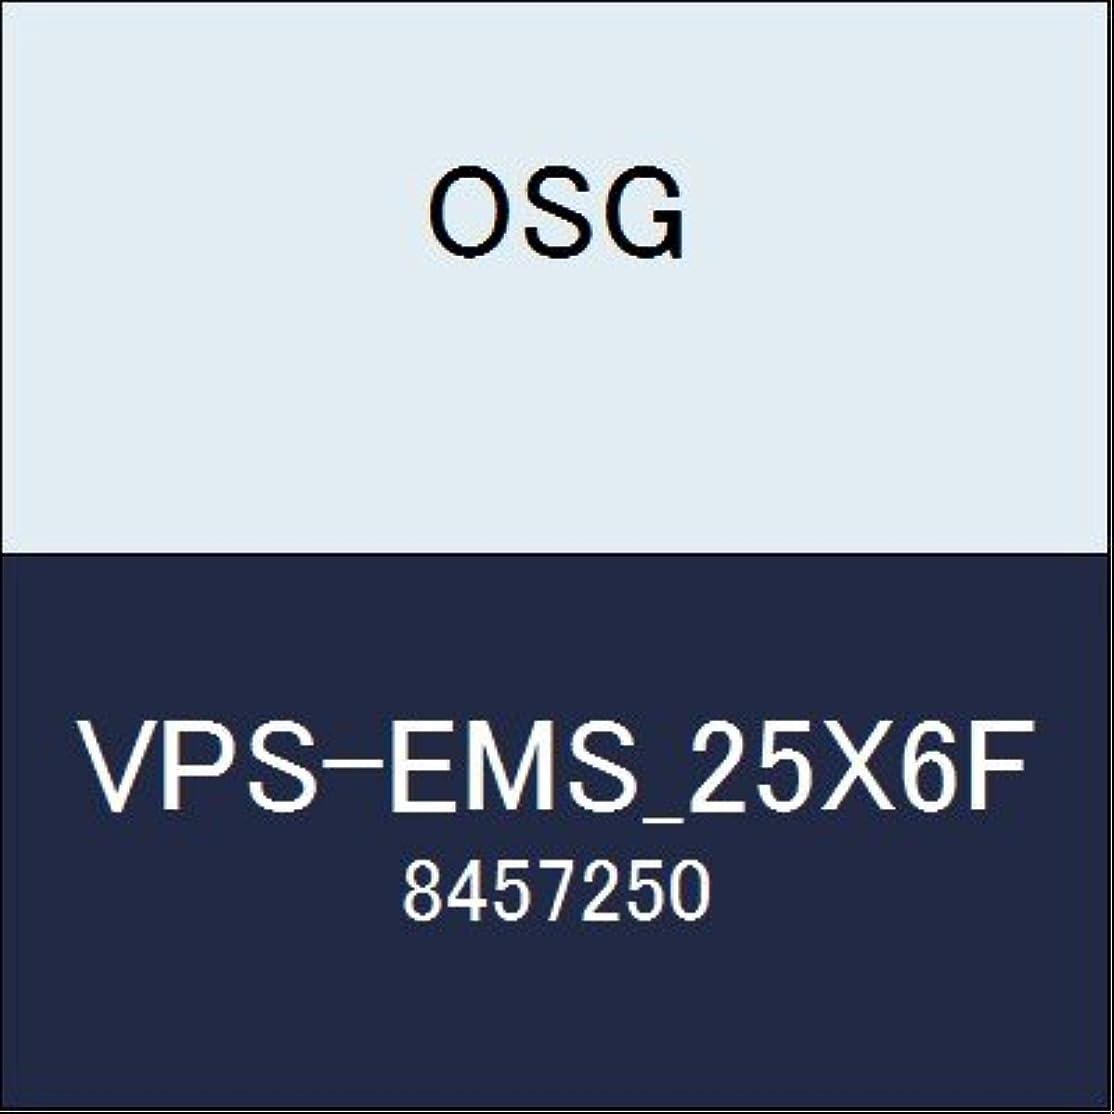 財団ホップ暗殺するOSG エンドミル VPS-EMS_25X6F 商品番号 8457250